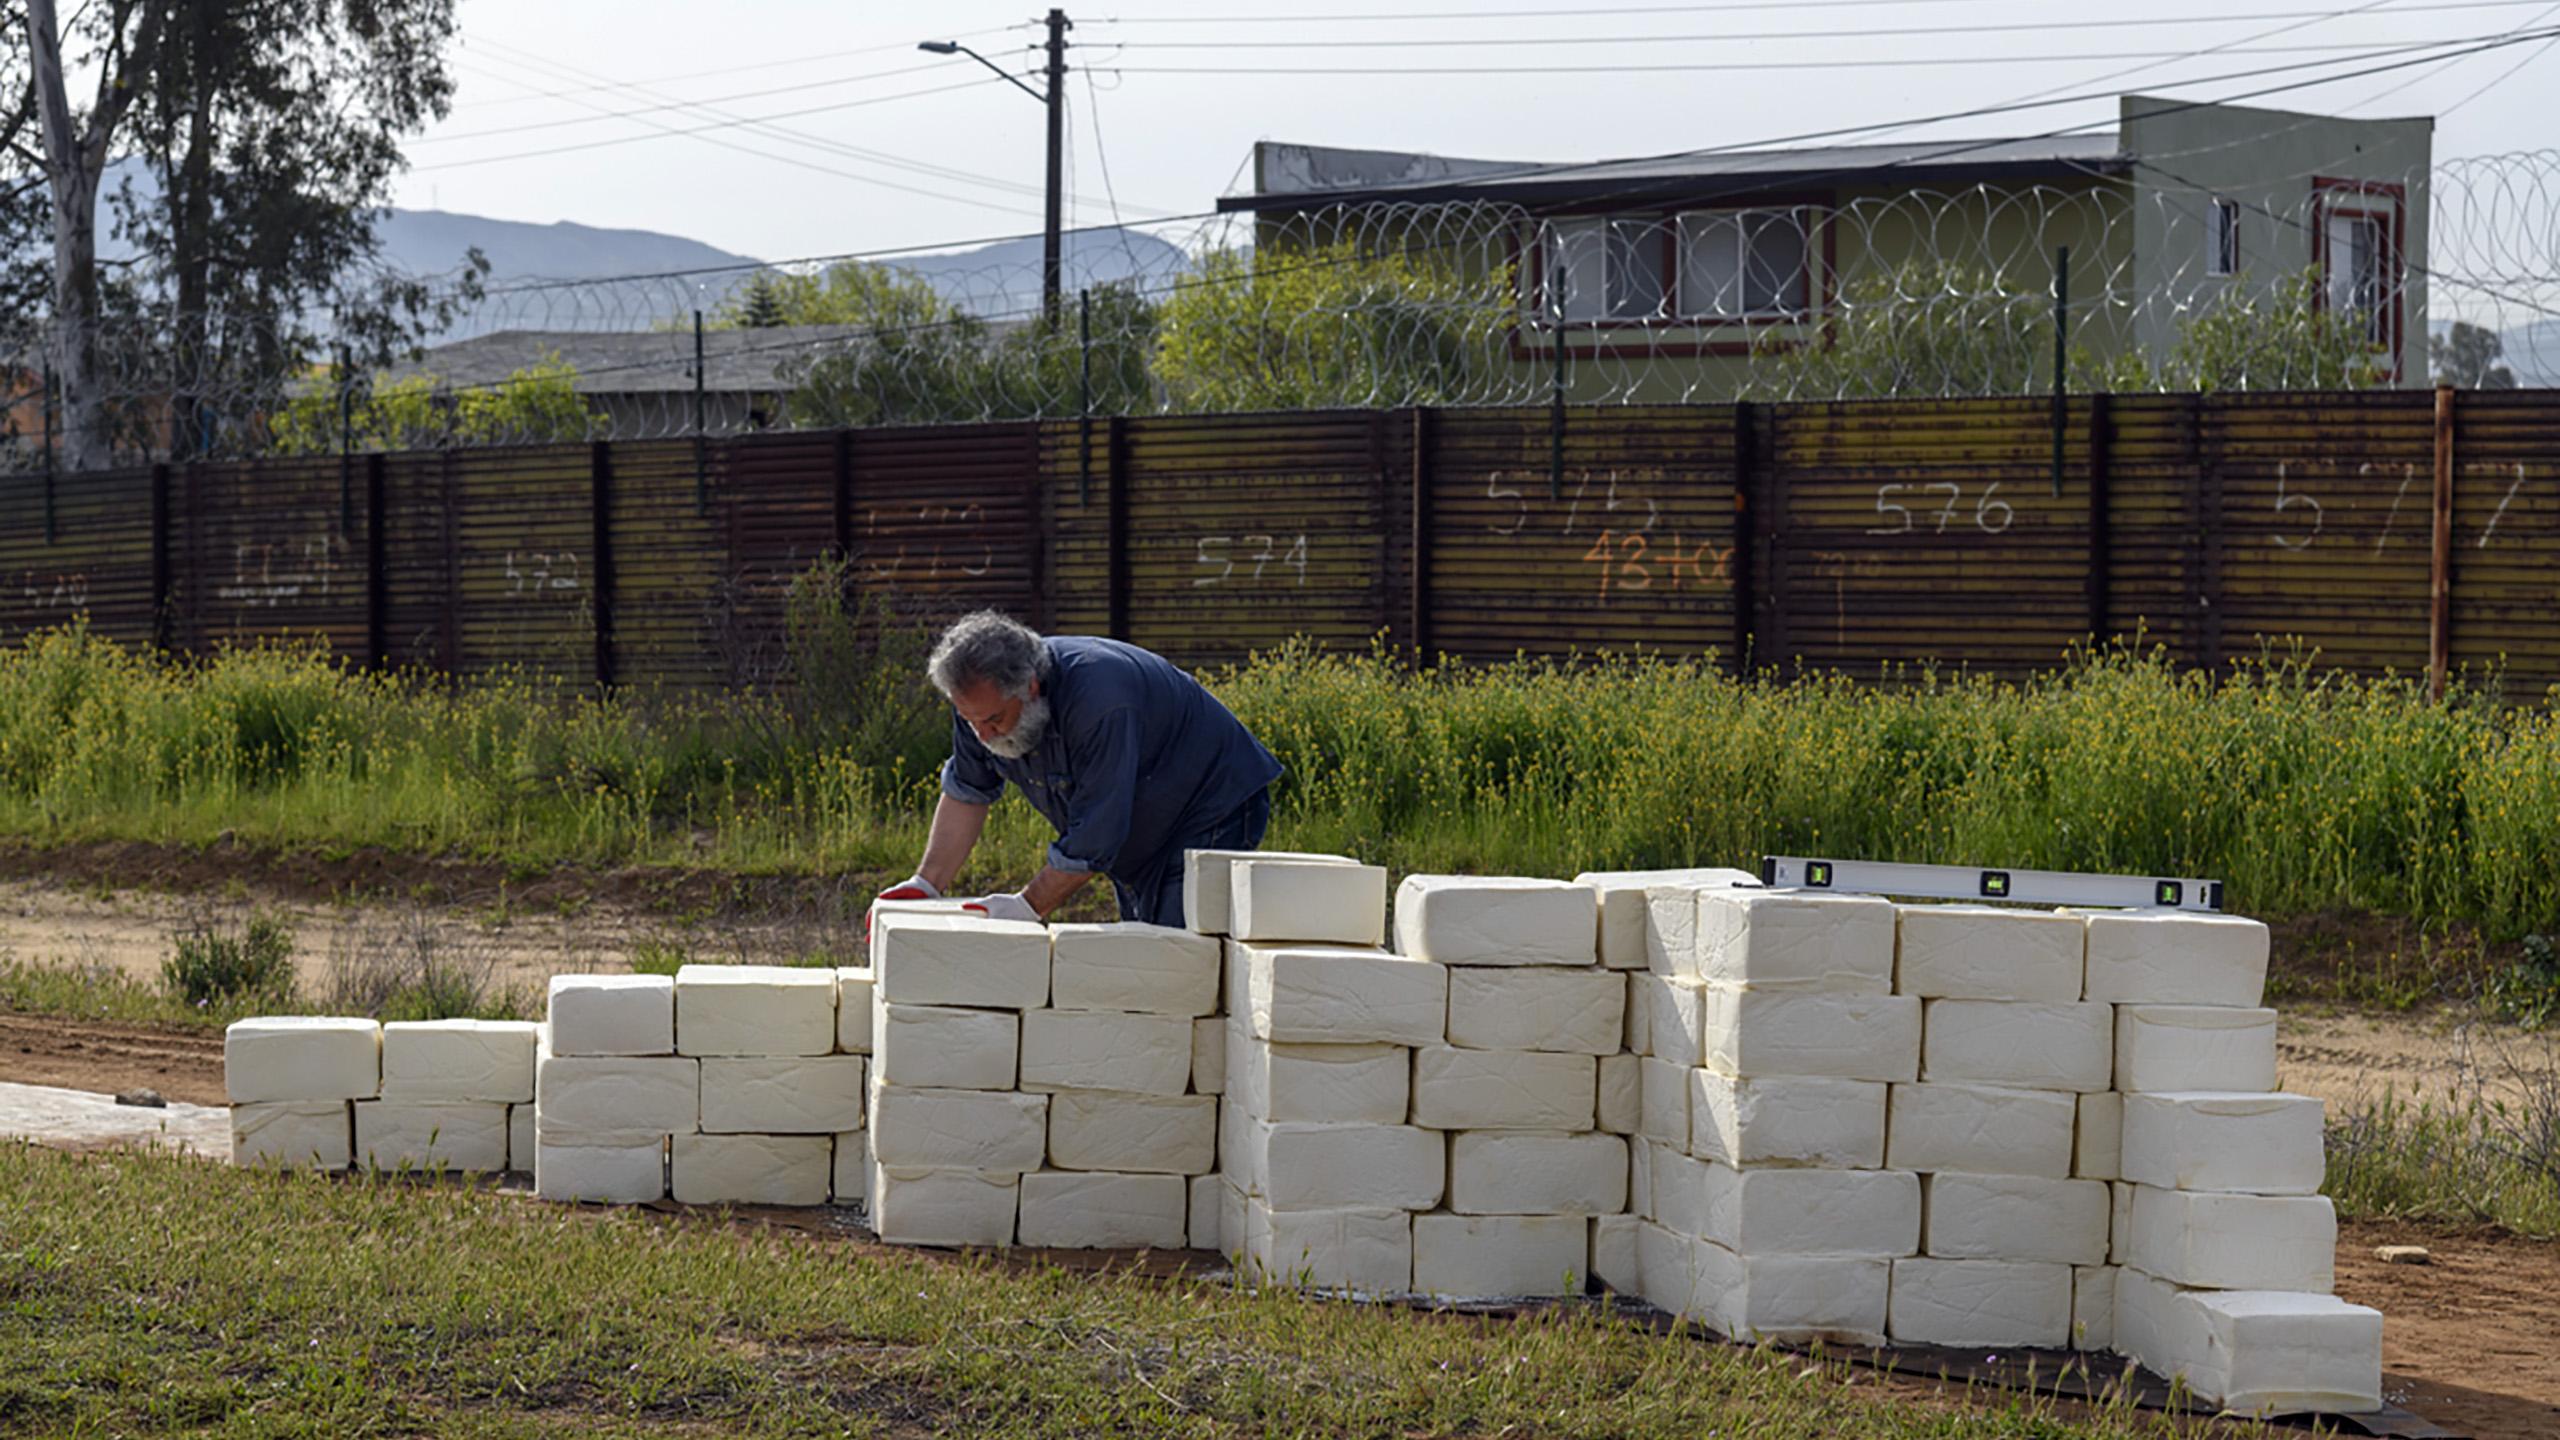 El artista que está construyendo un muro con quesos